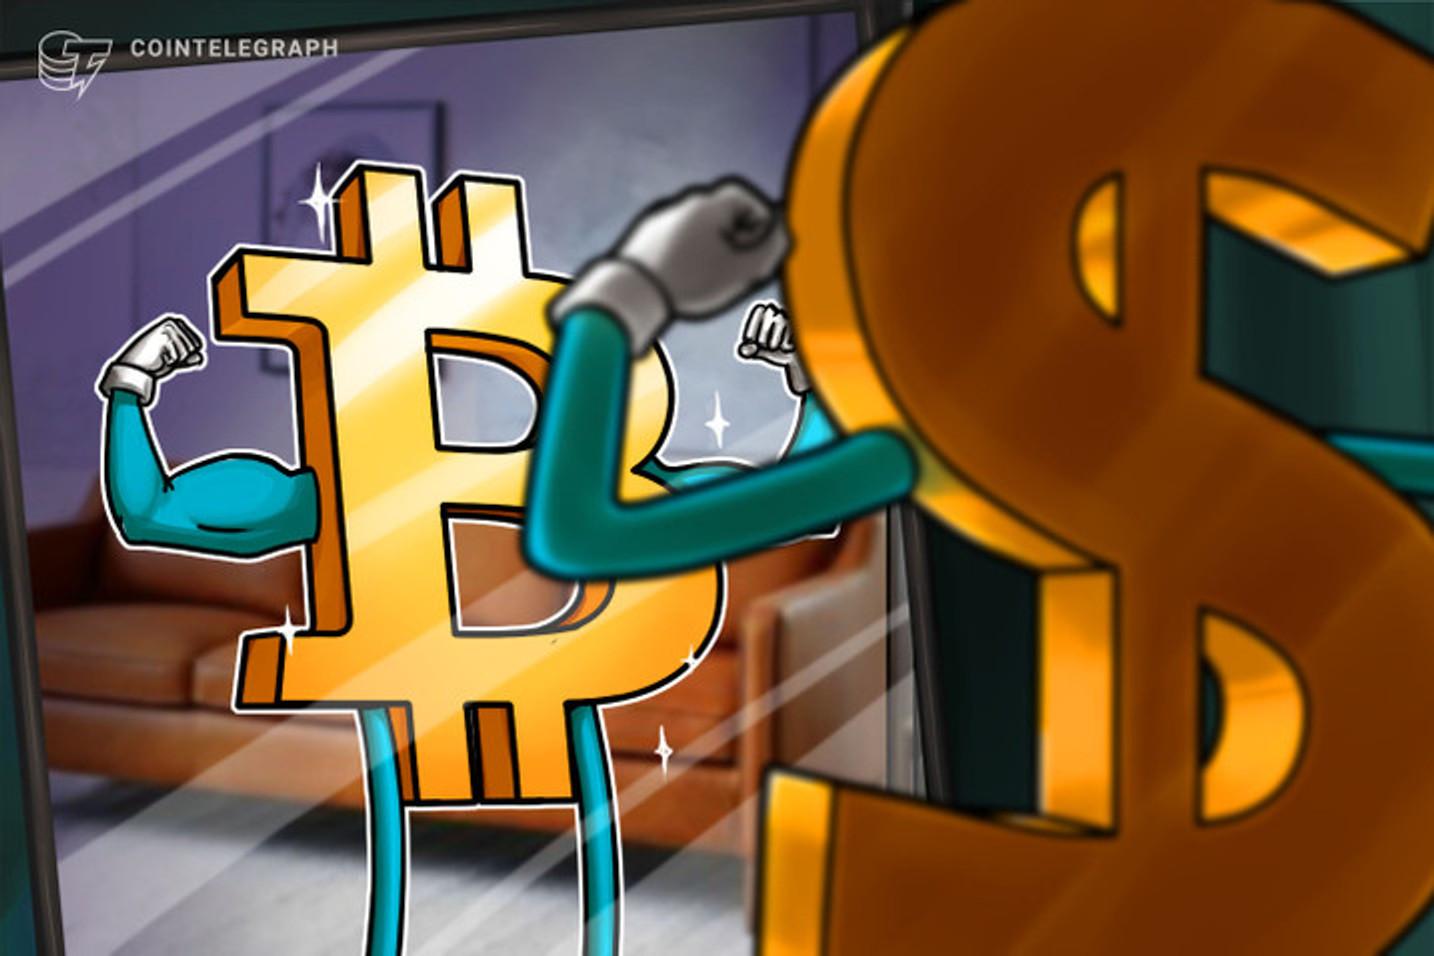 'Valor histórico do Bitcoin no Brasil está ligado a desvalorização do real com o dólar', declara fundador da Bitcoin Trade